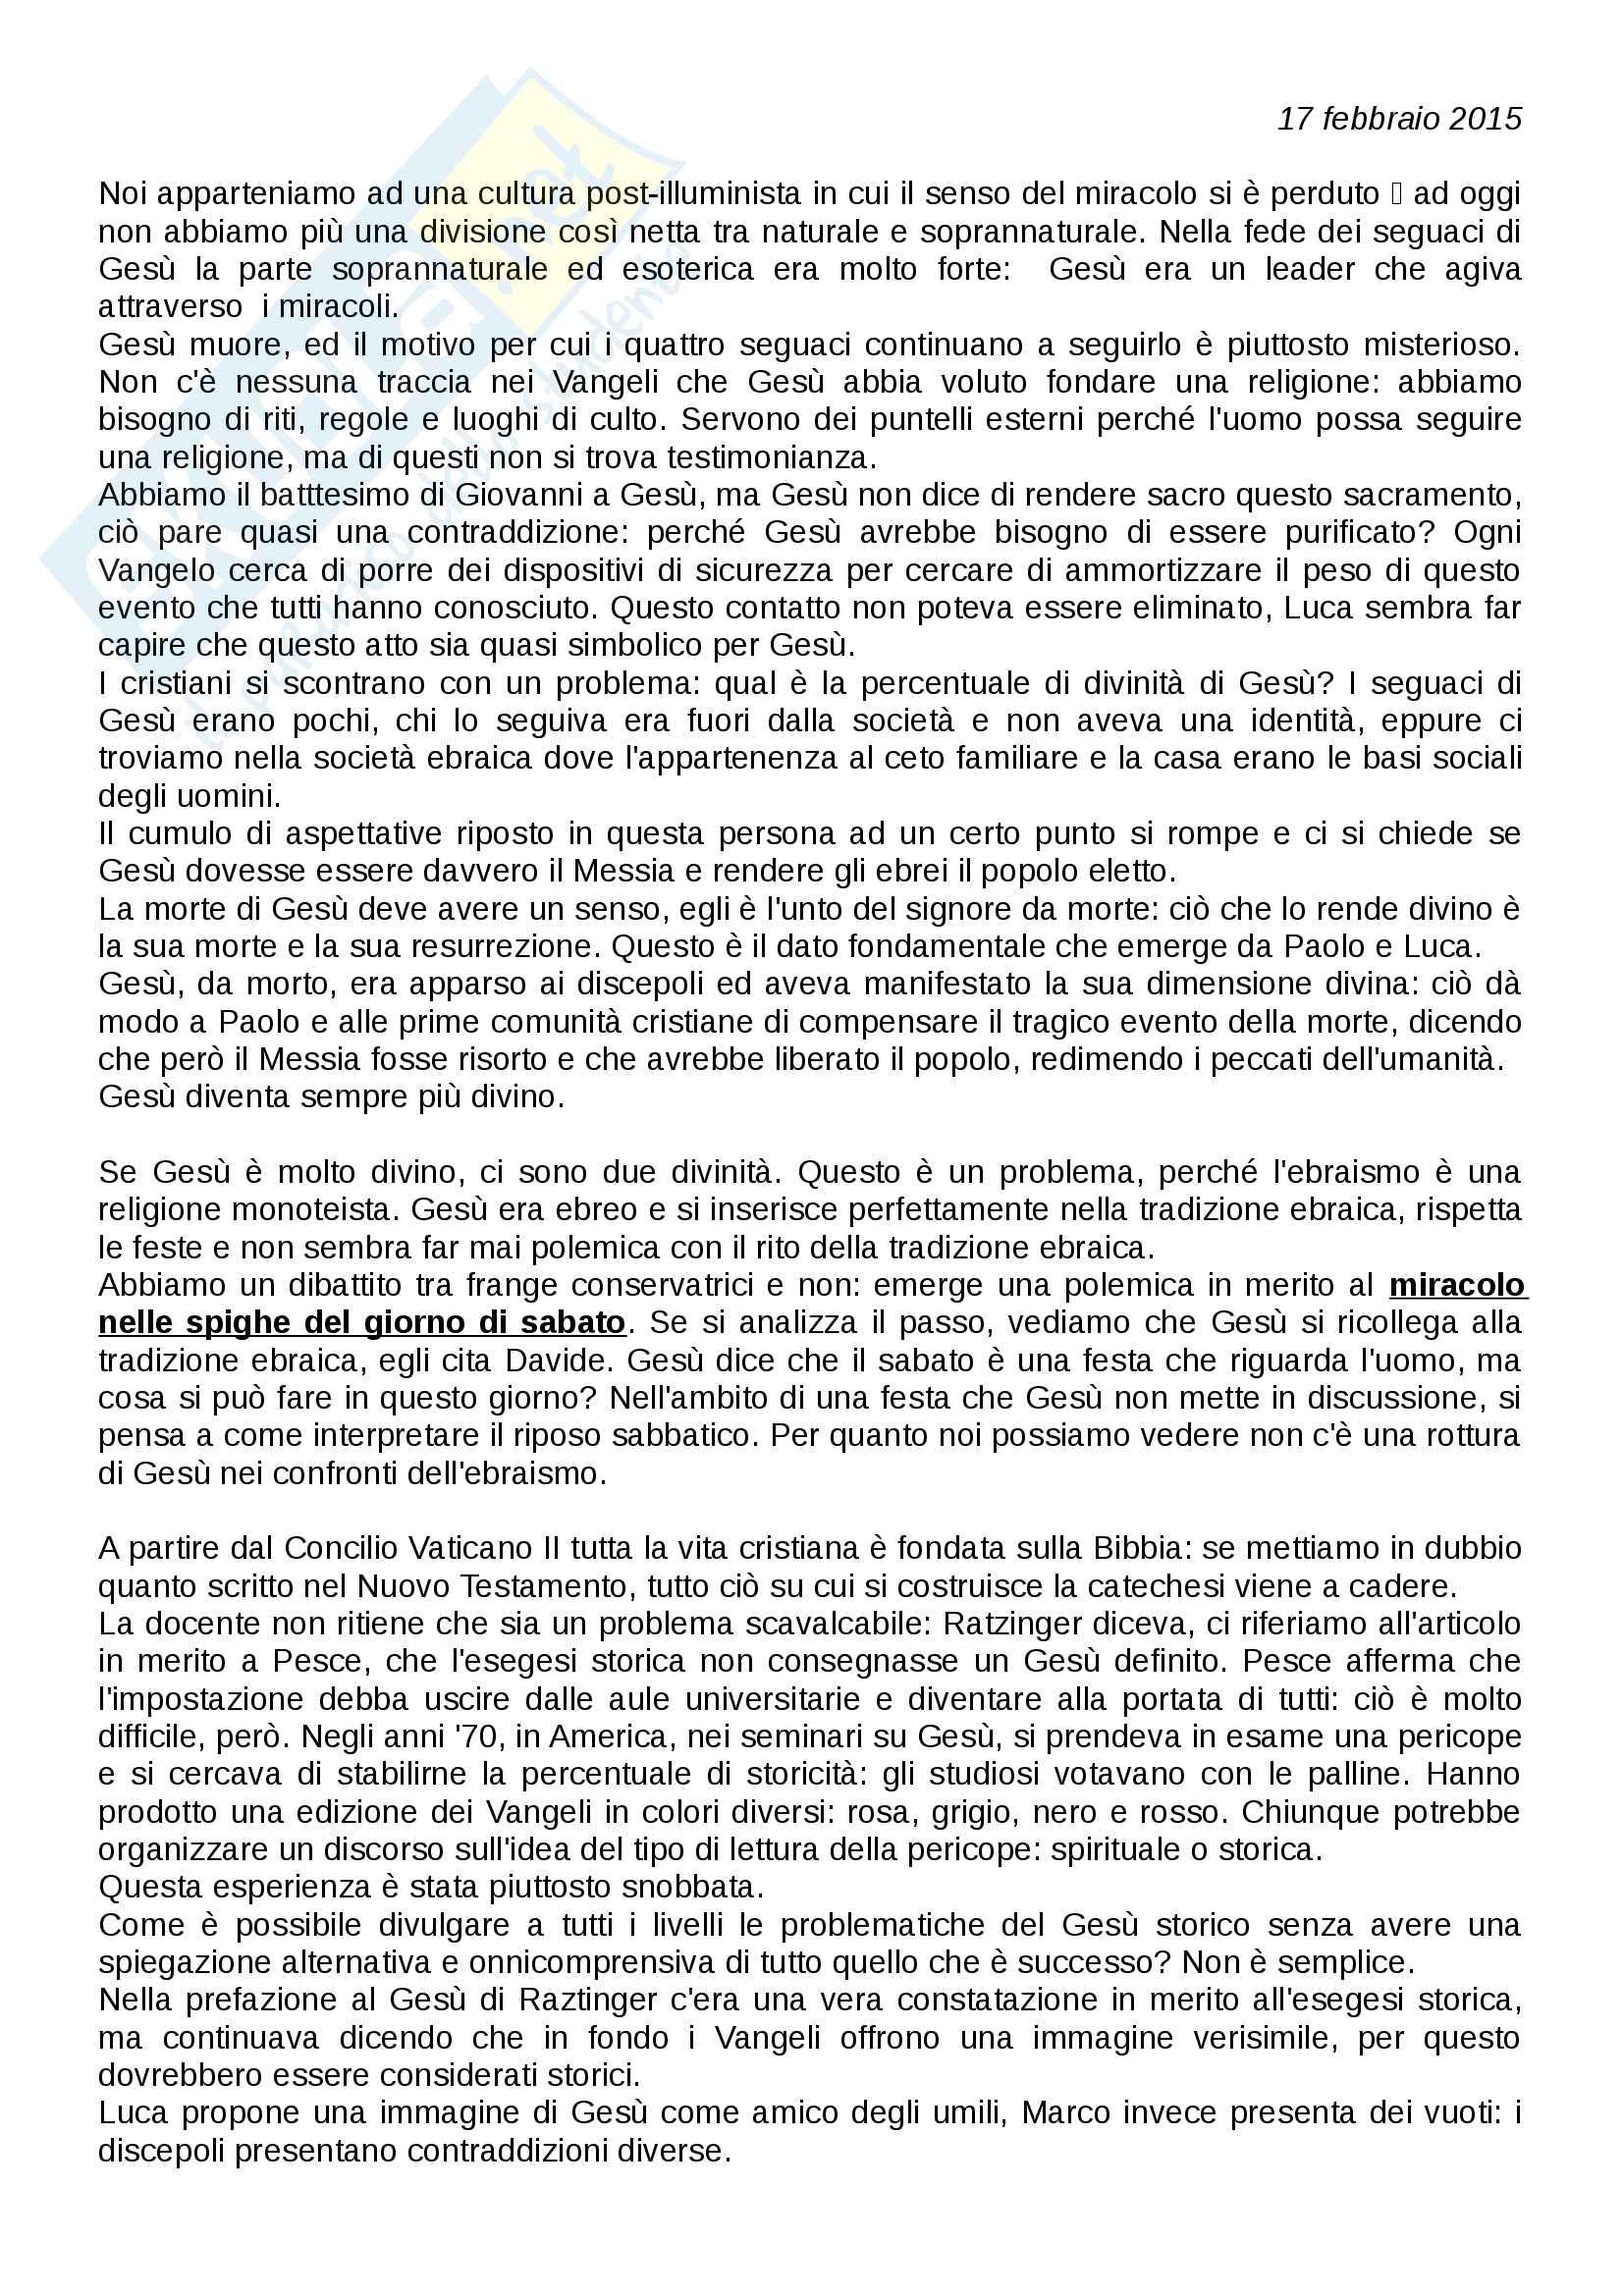 Appunti di Storia del Cristianesimo (lezioni complete) Pag. 1